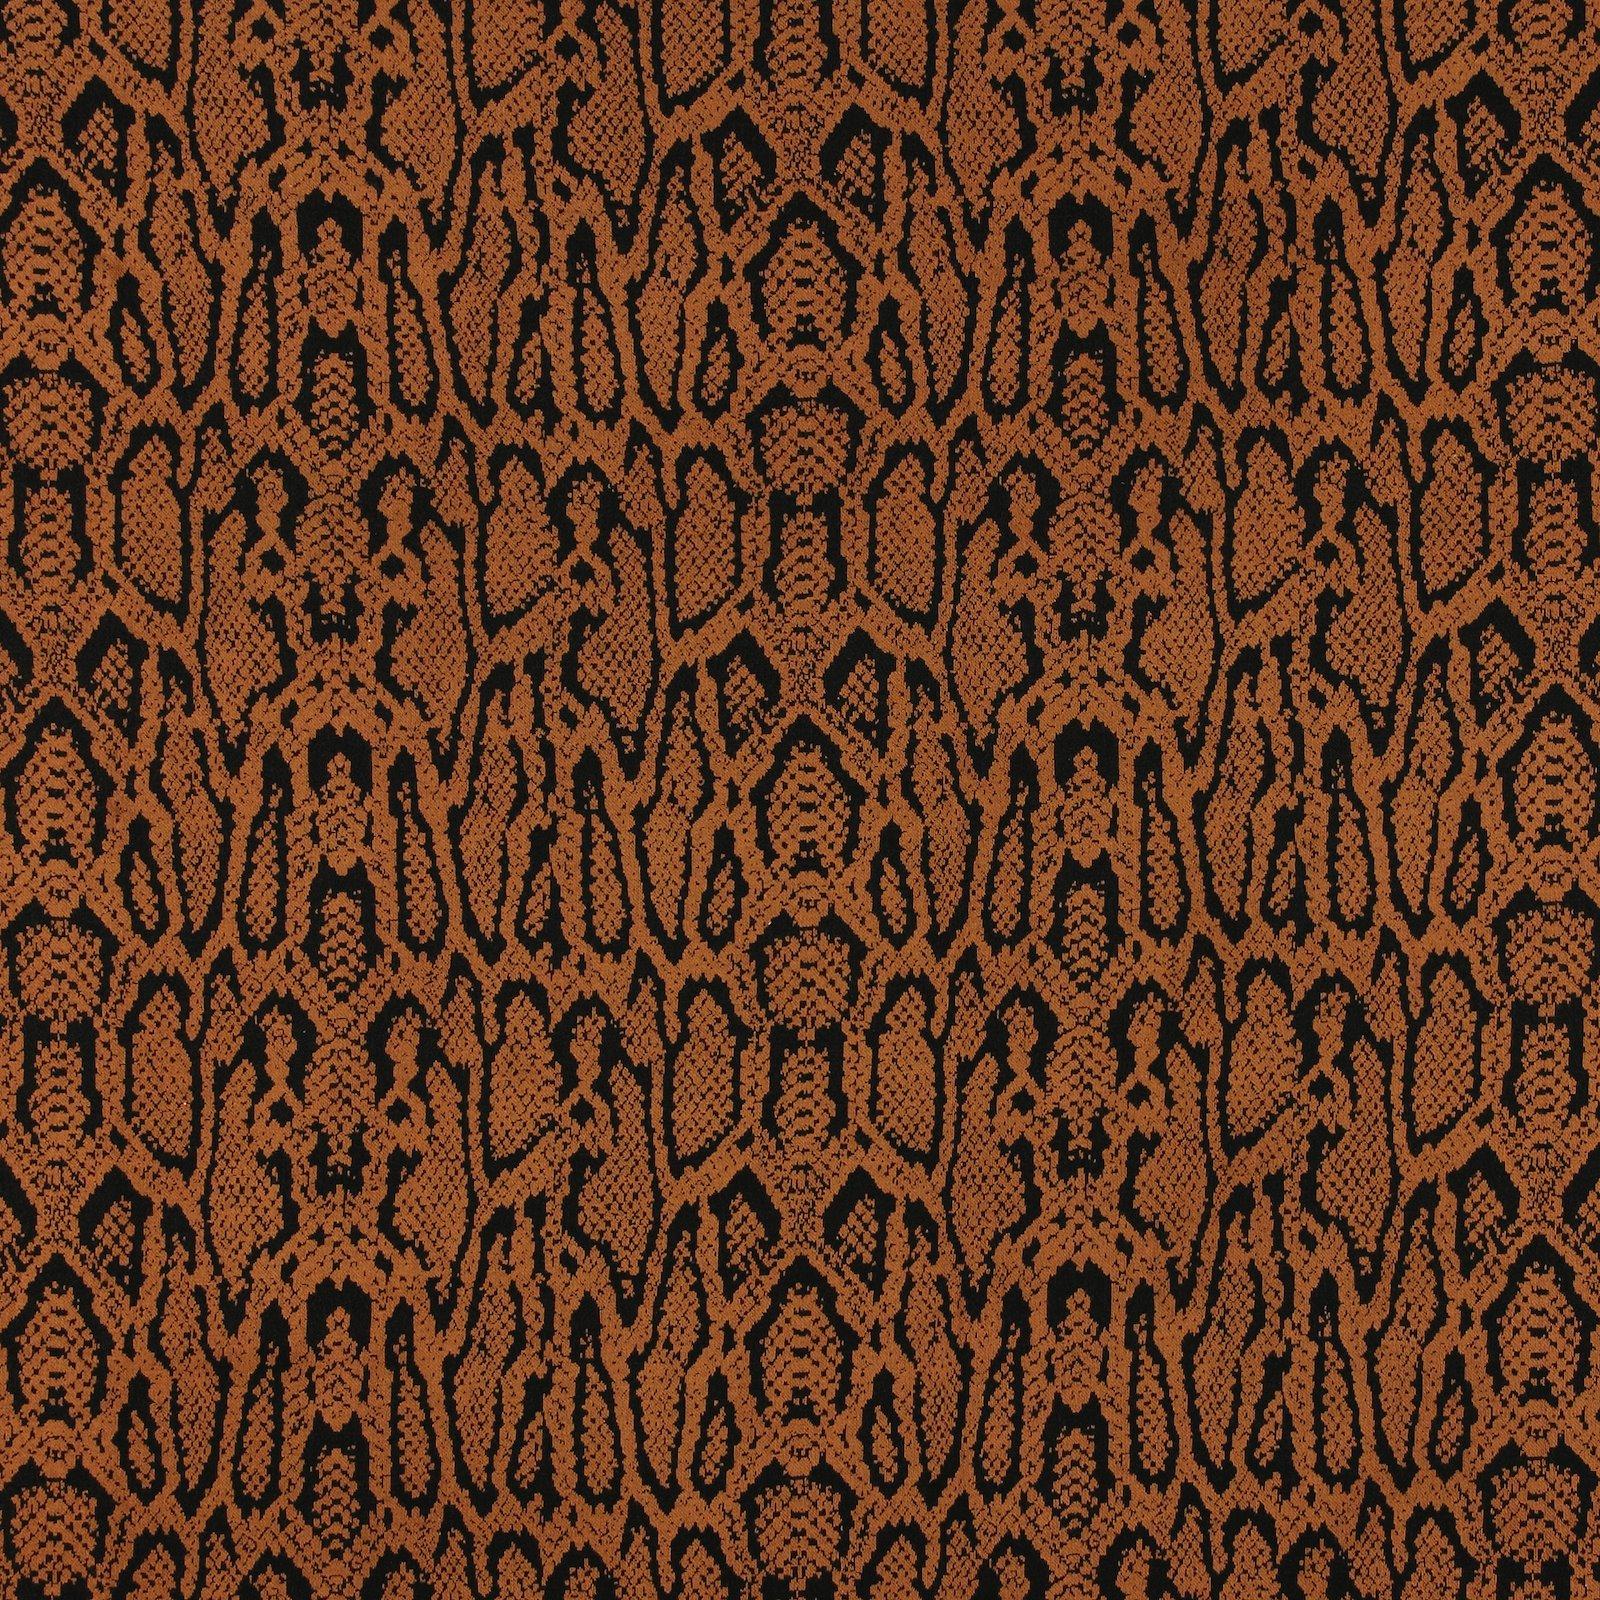 Knit jacquard caramel w snake pattern 203753_pack_sp